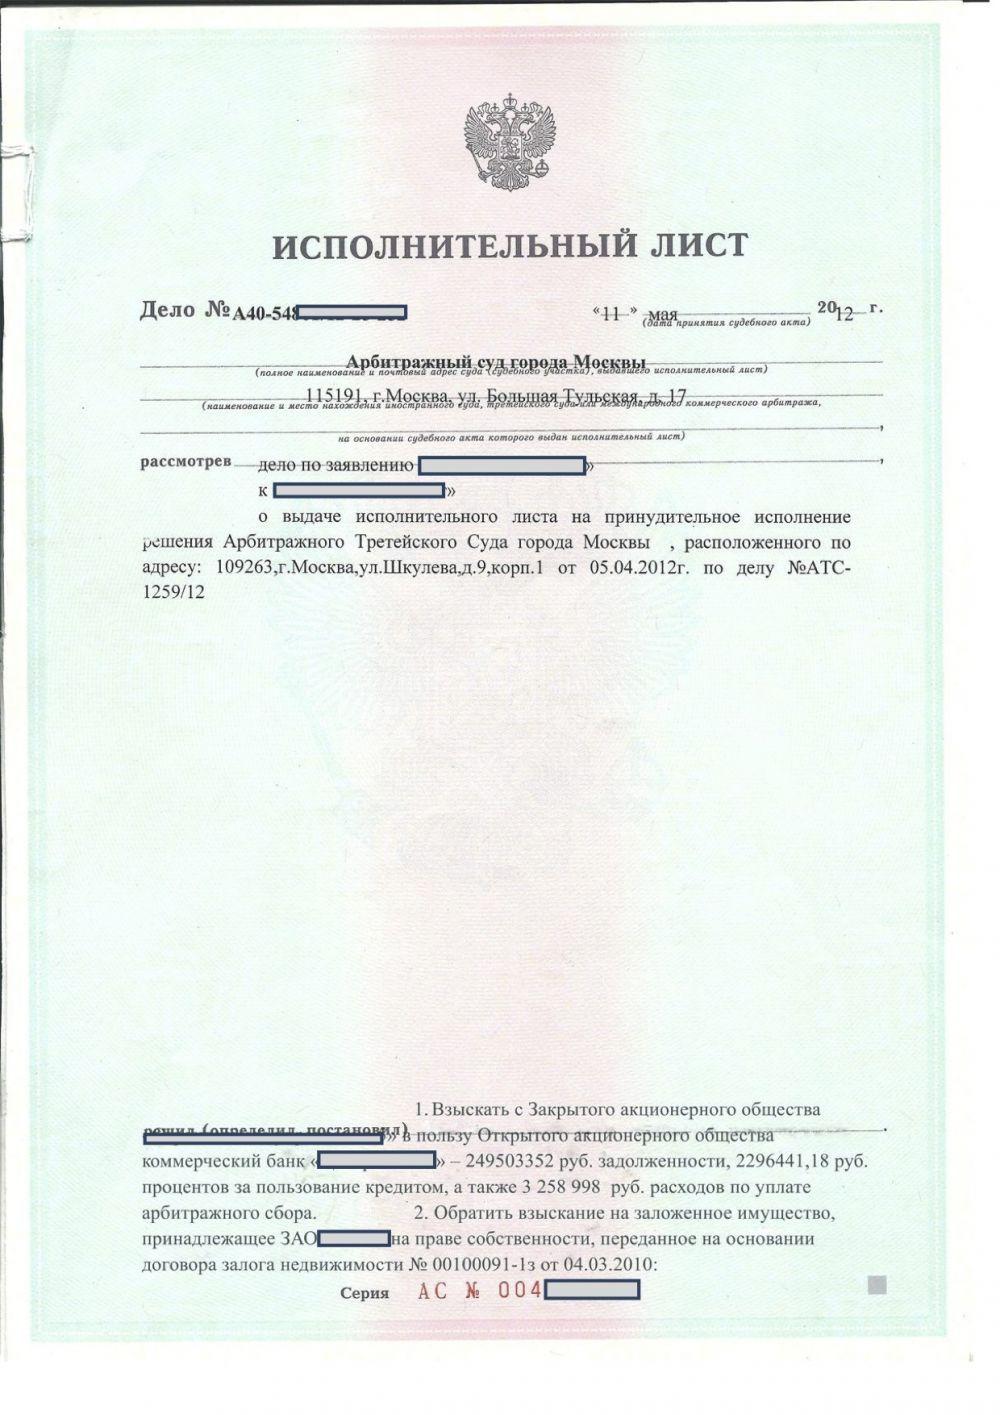 бланк заявления на возмещения из фсс филиала №7